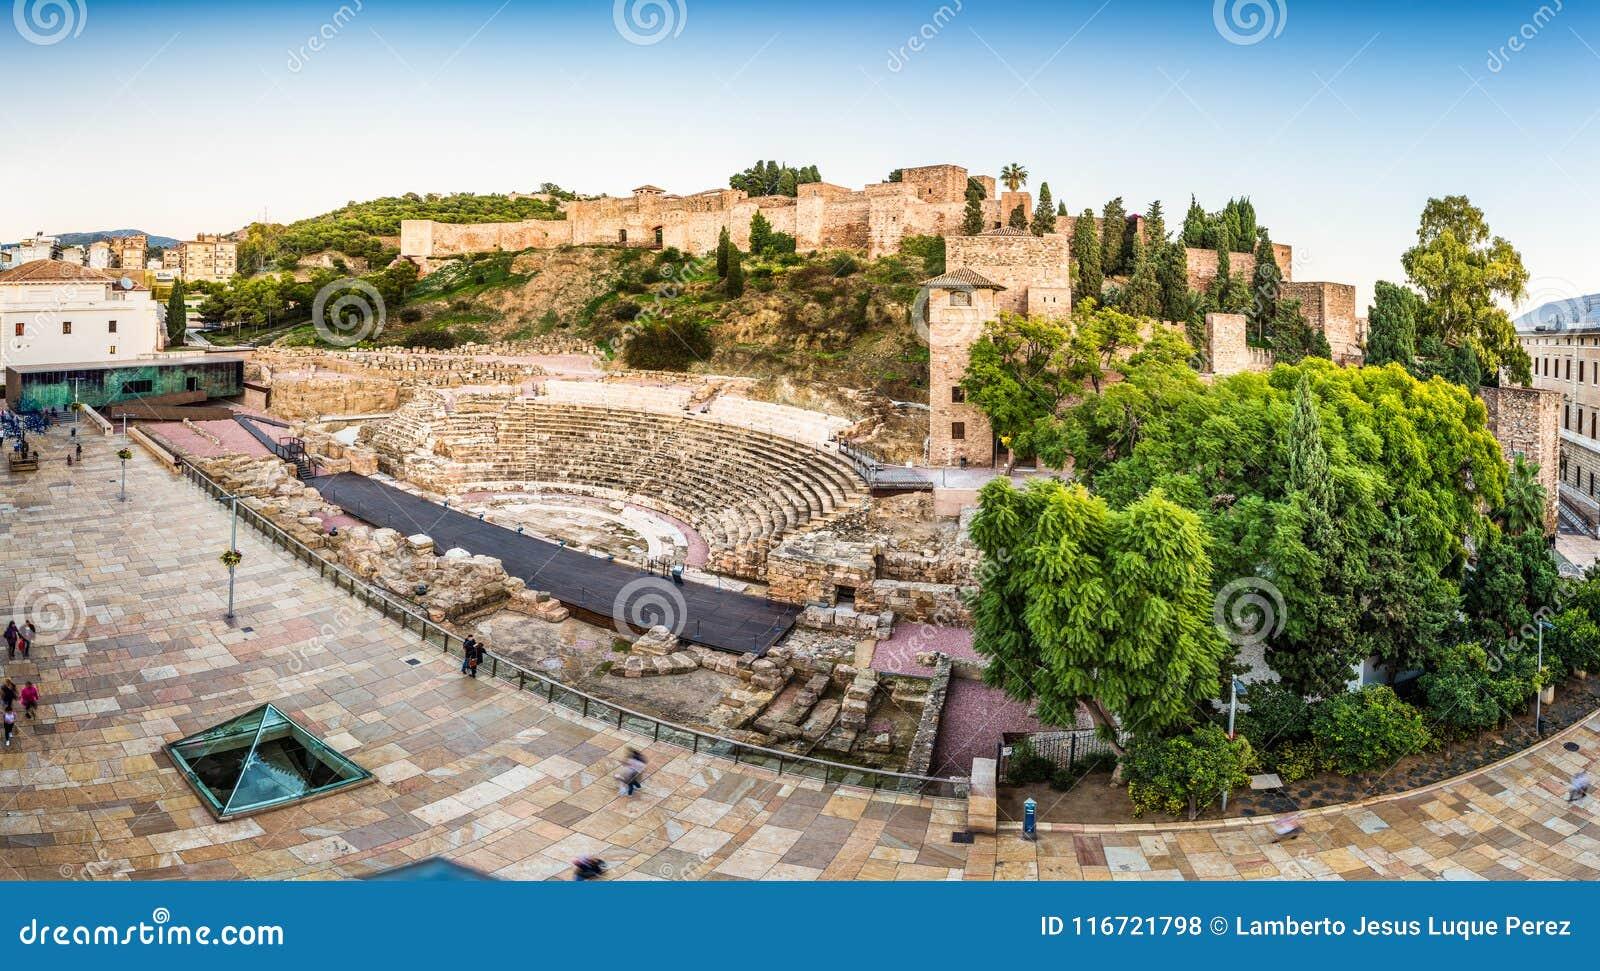 罗马剧院和Alcazaba城堡在马拉加西班牙